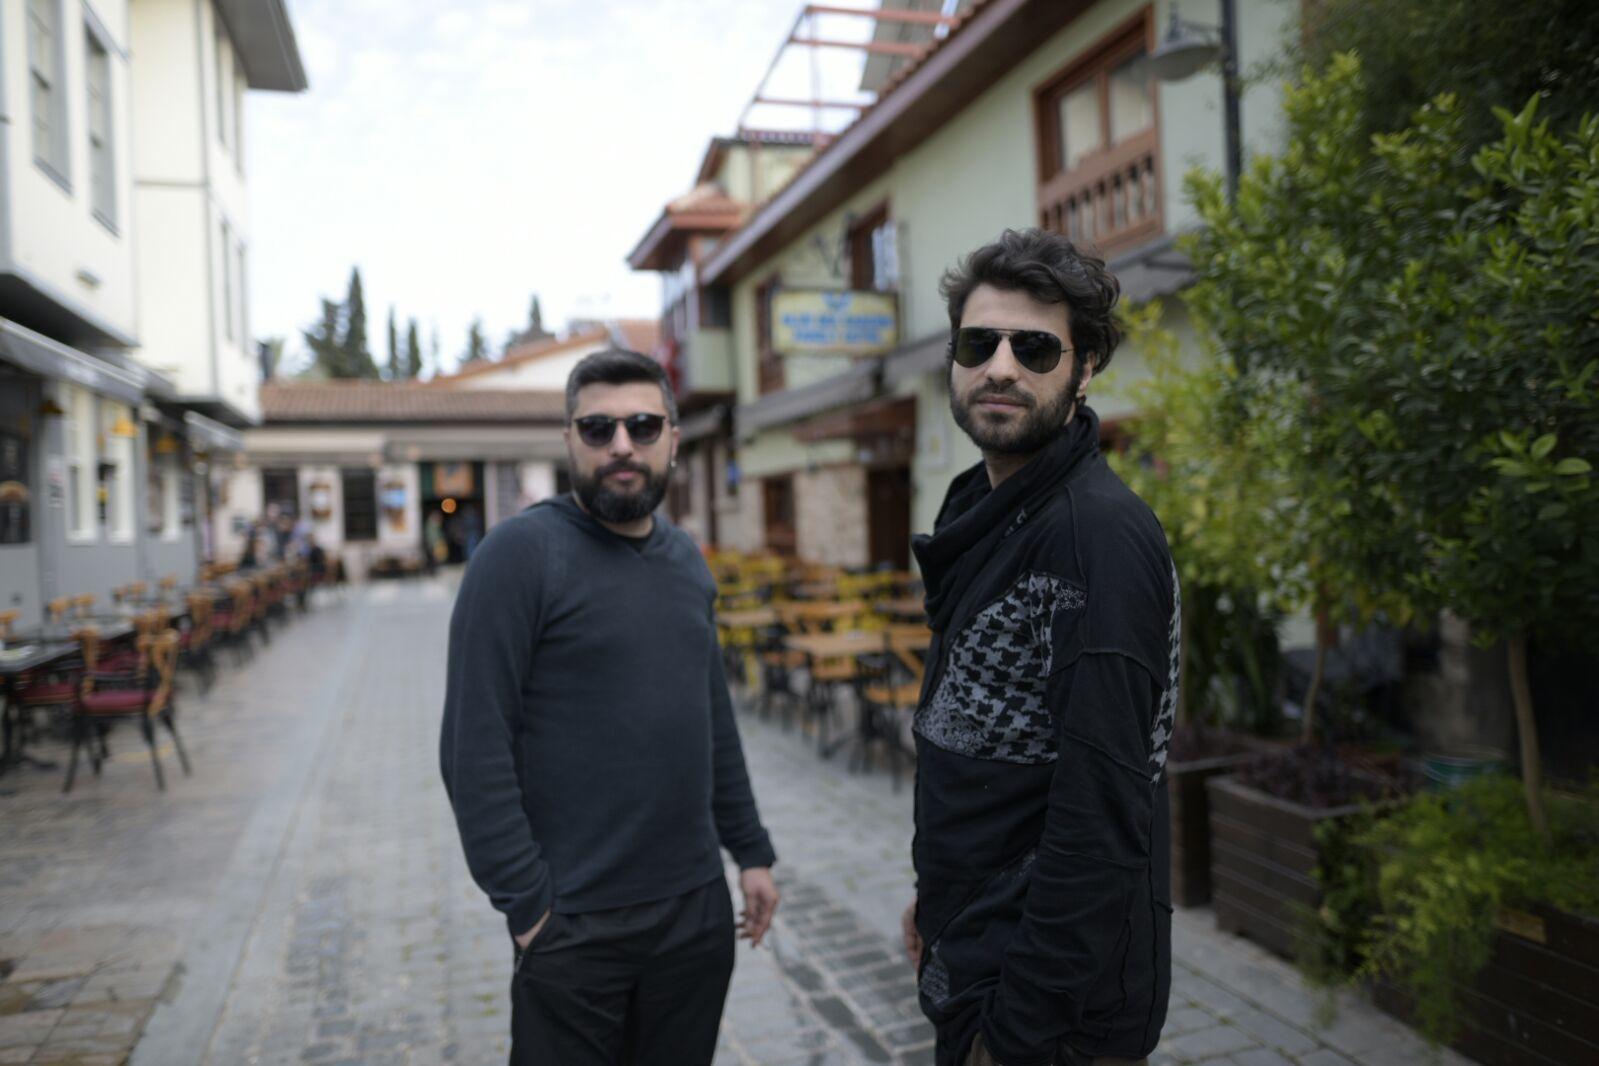 RÖPORTAJ | Ozbi ile müzik ve memleket üzerine sohbet…